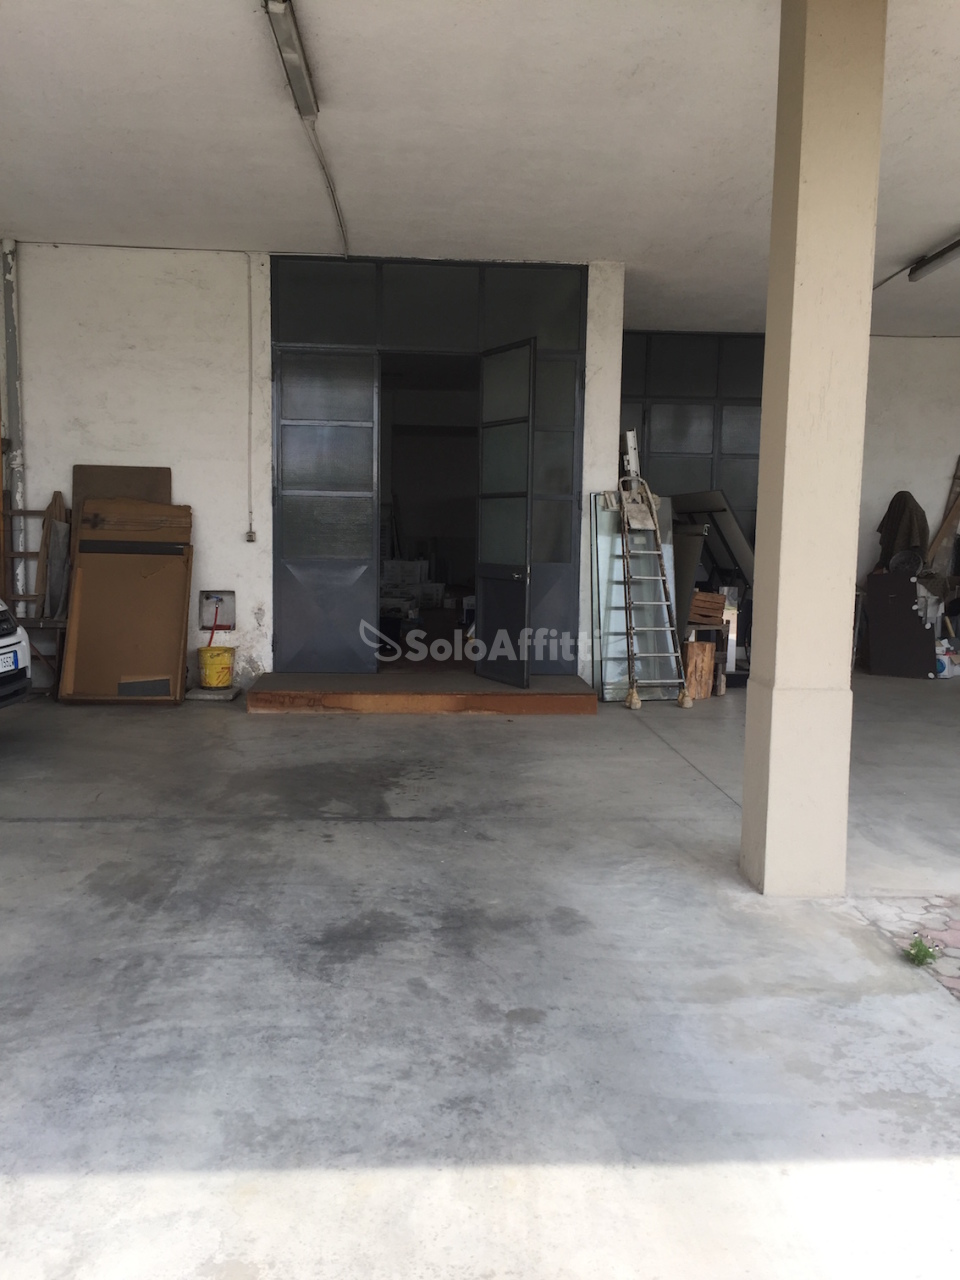 Magazzino in affitto a Cabiate, 1 locali, prezzo € 1.000   PortaleAgenzieImmobiliari.it